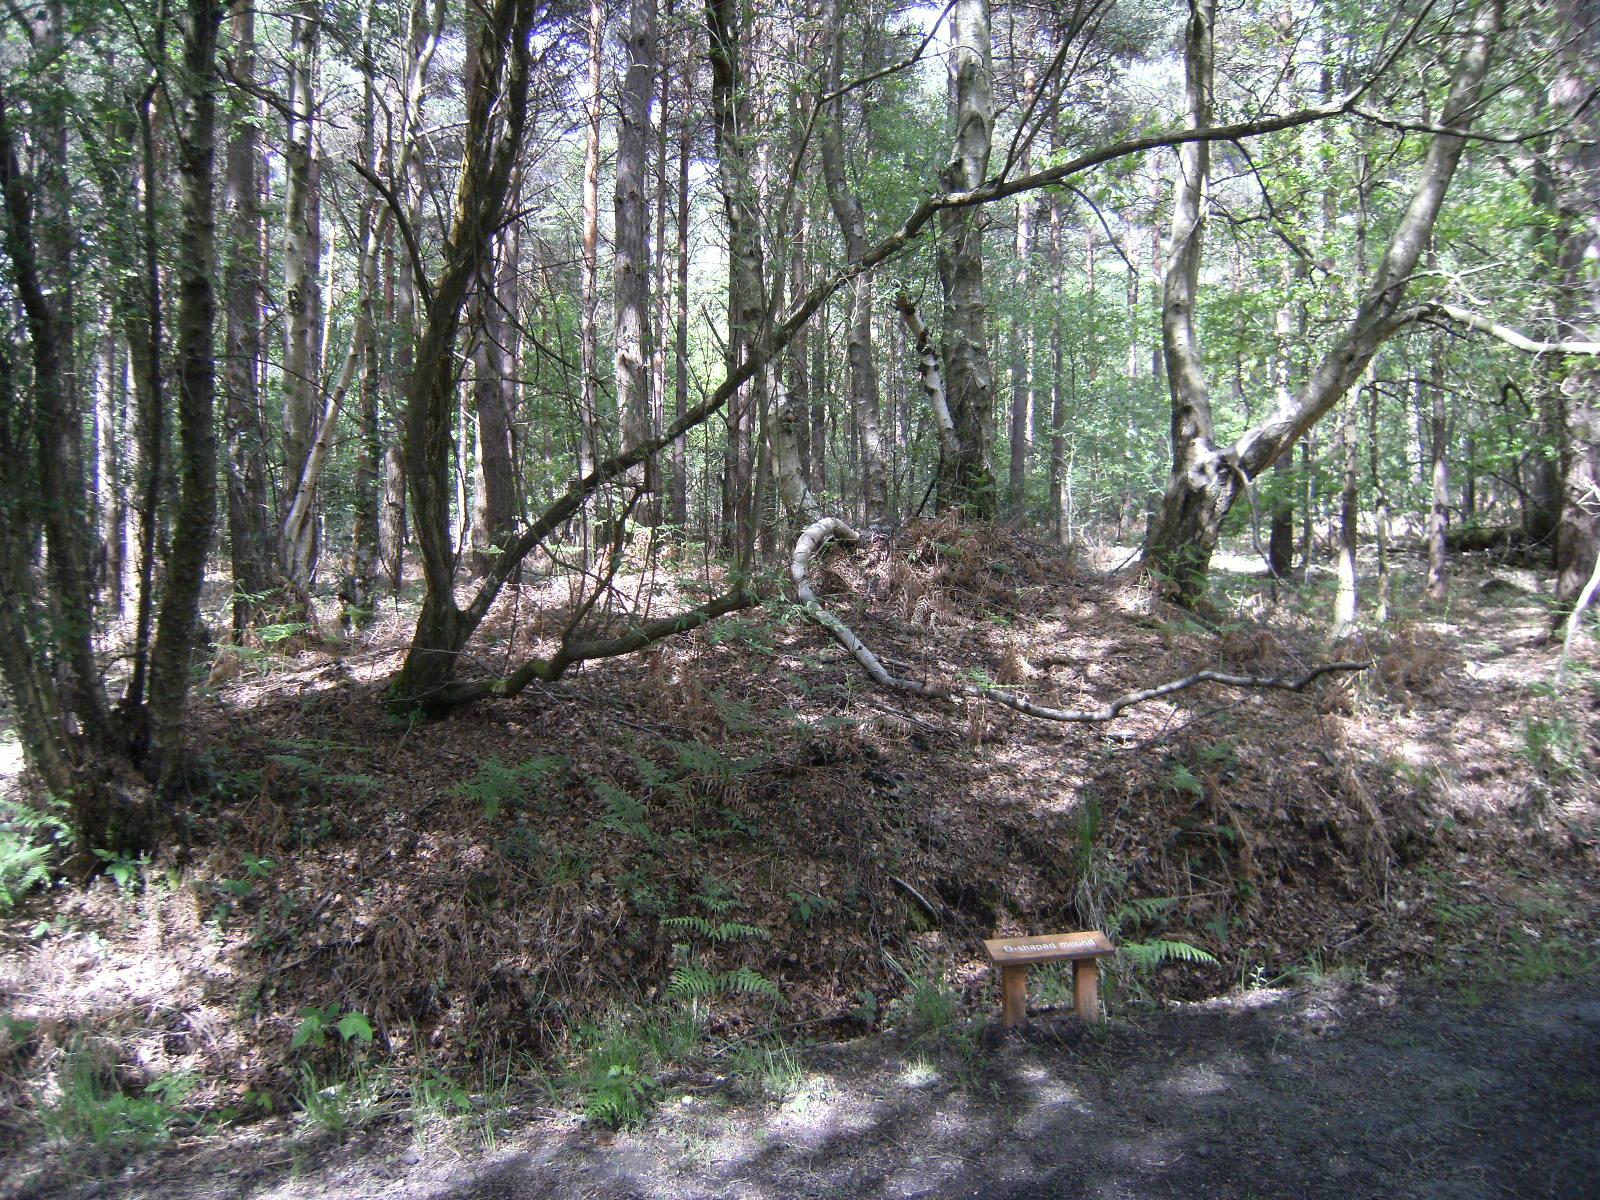 DSCF7828 'D-shaped mound' in Broadwater Warren